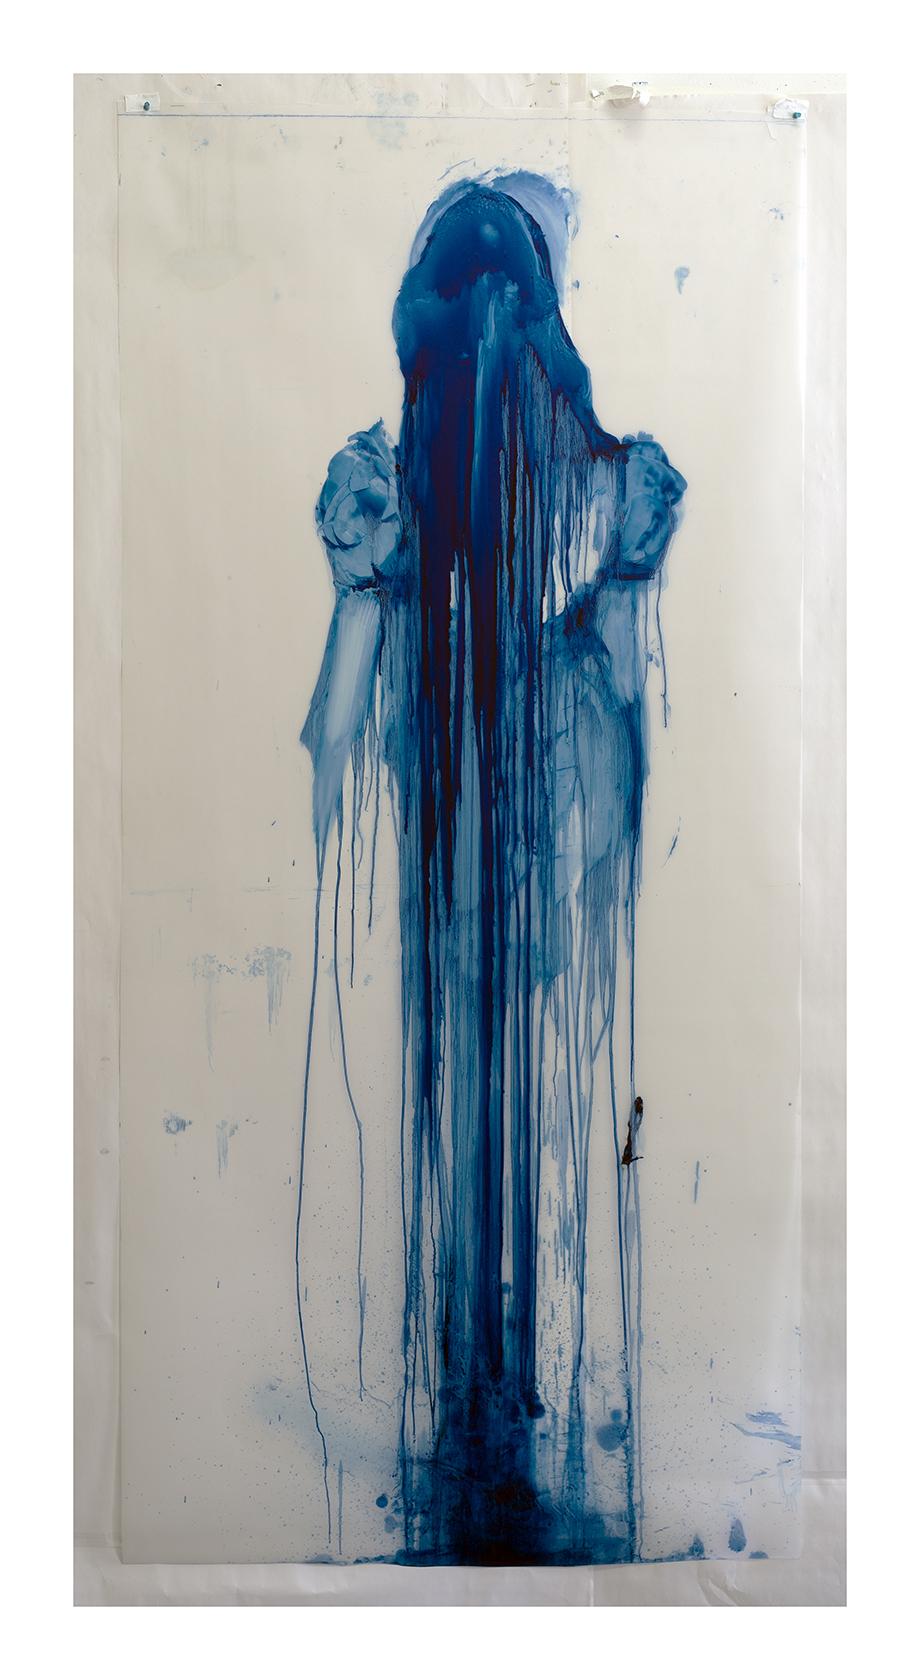 BLUE, 2020